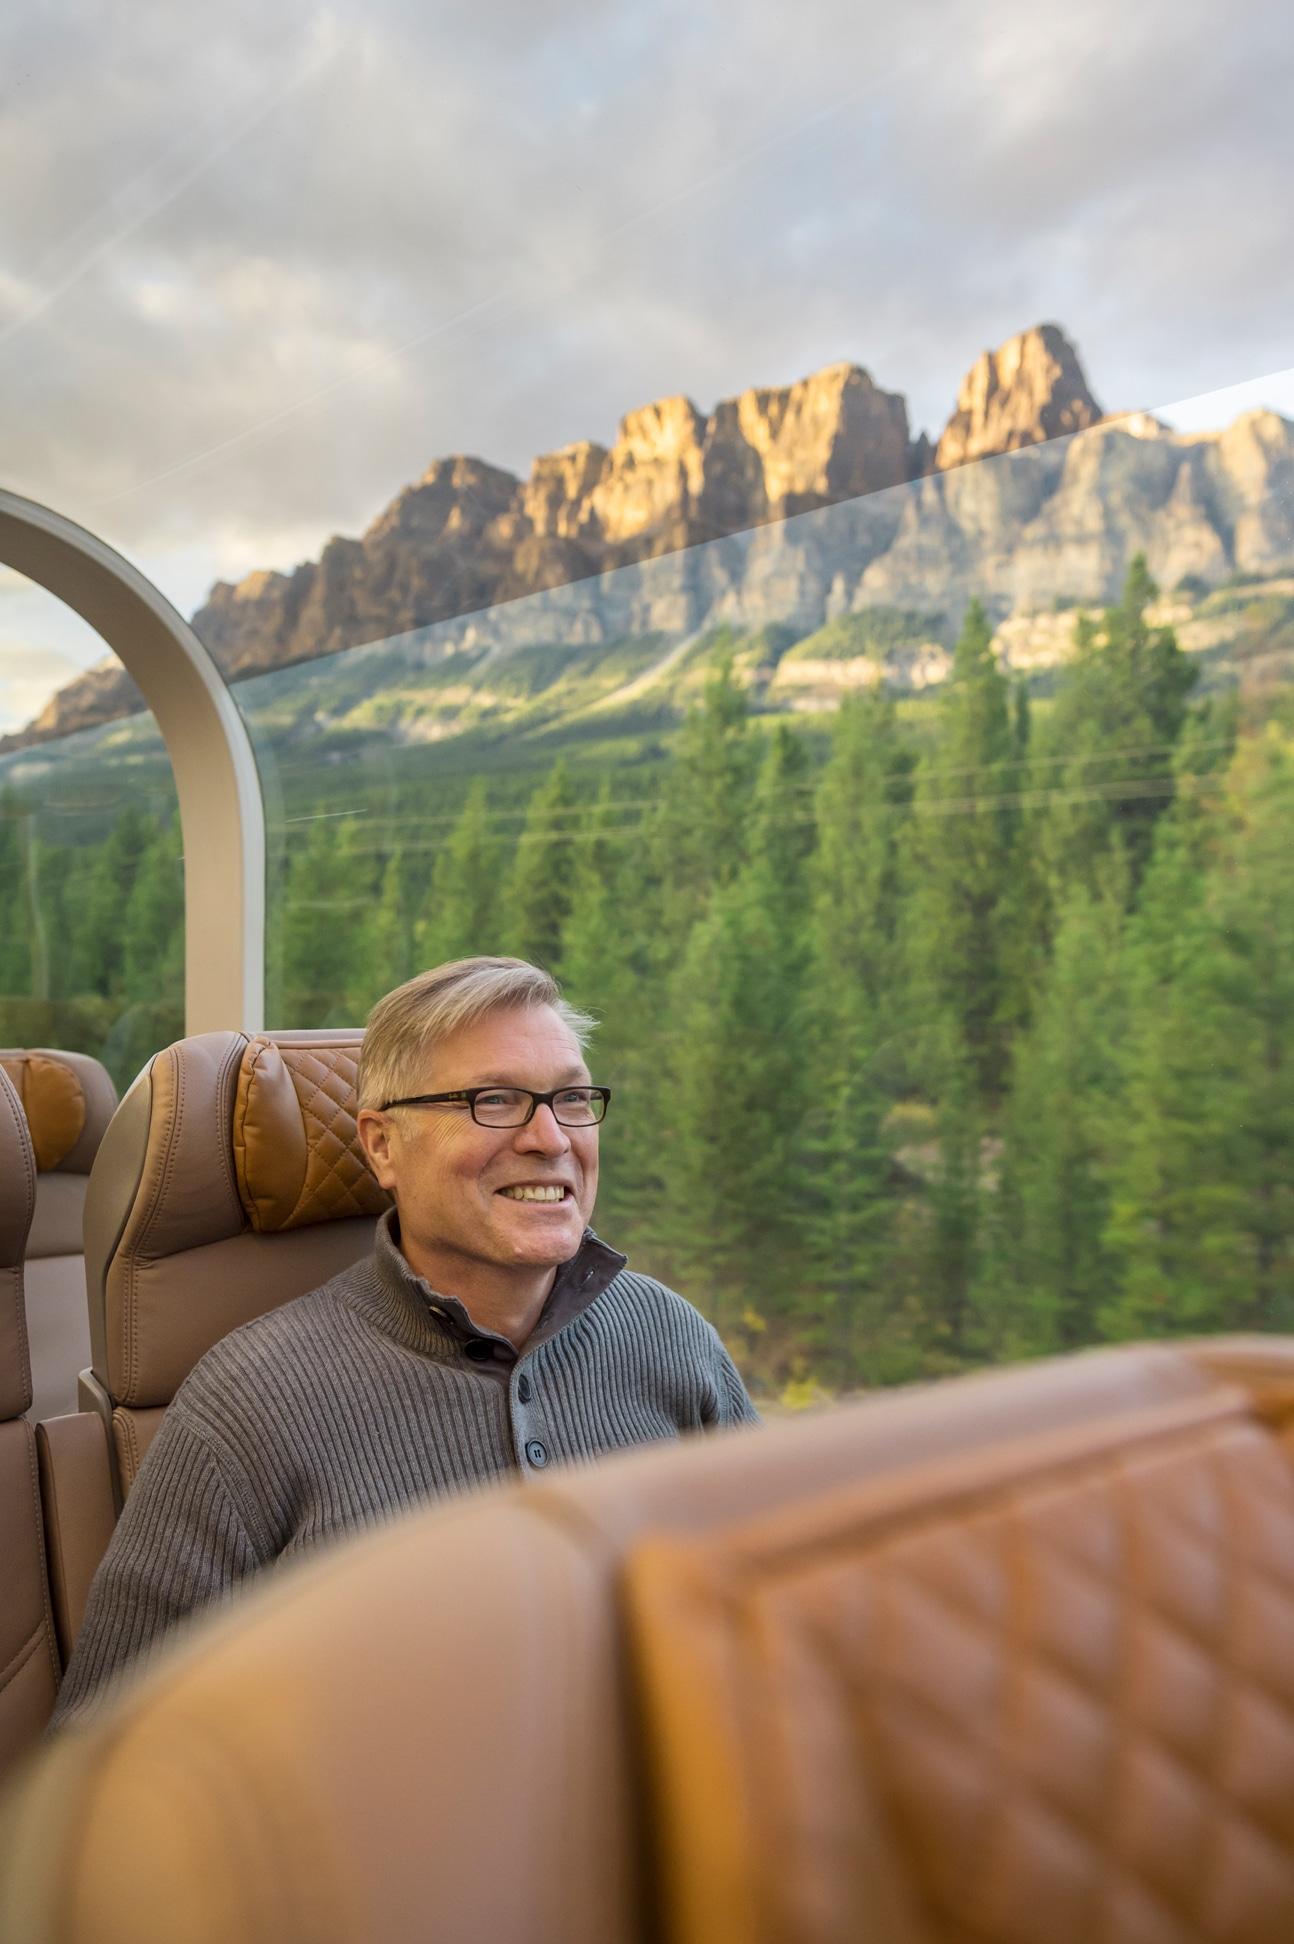 Onboard GoldLeaf Service - Canadian Rockies